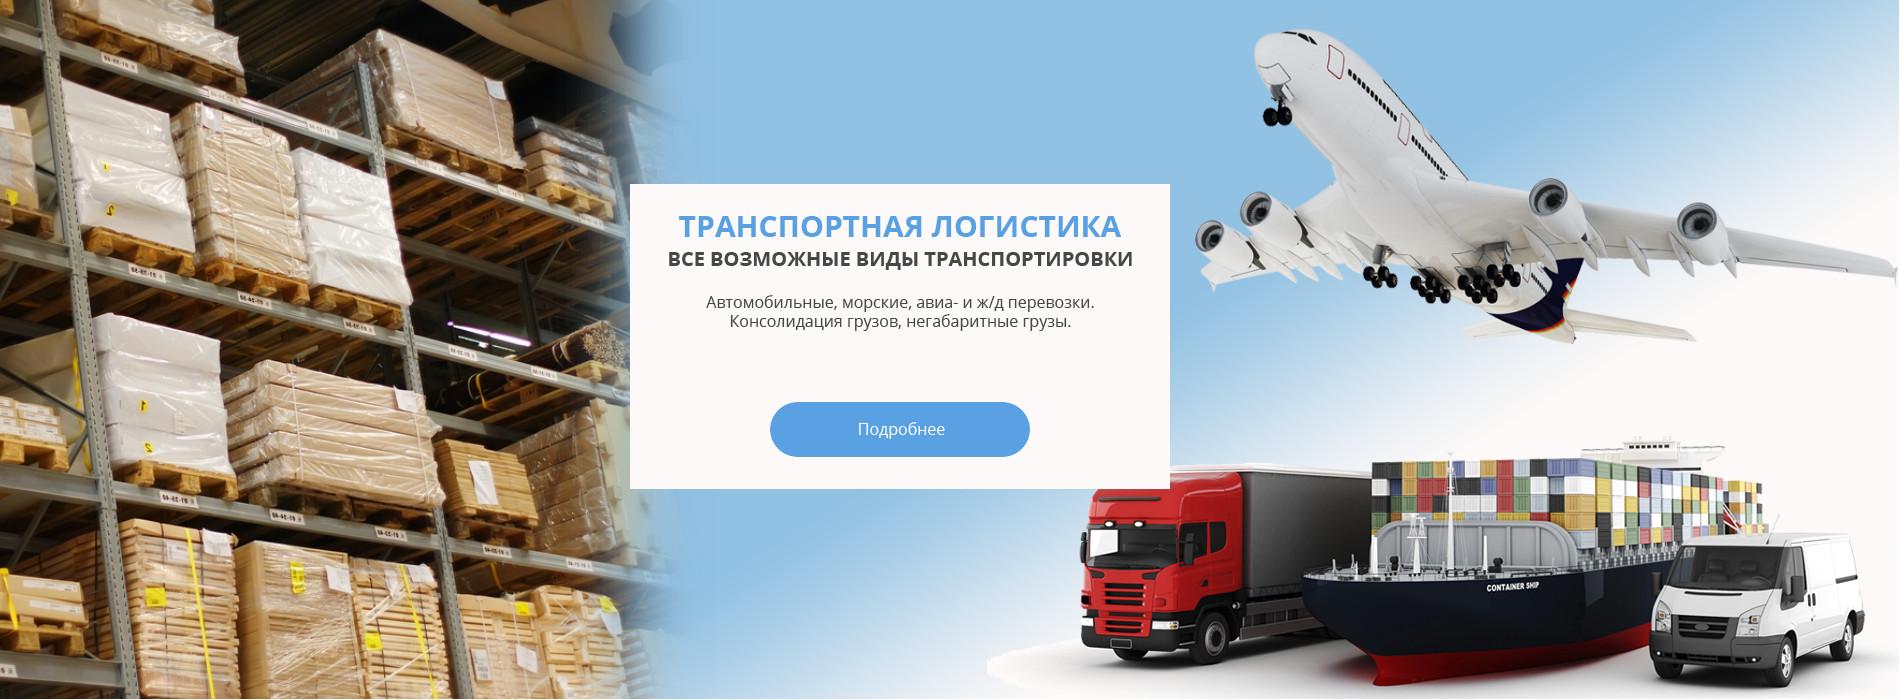 Услуги таможенного оформления в Шереметьево